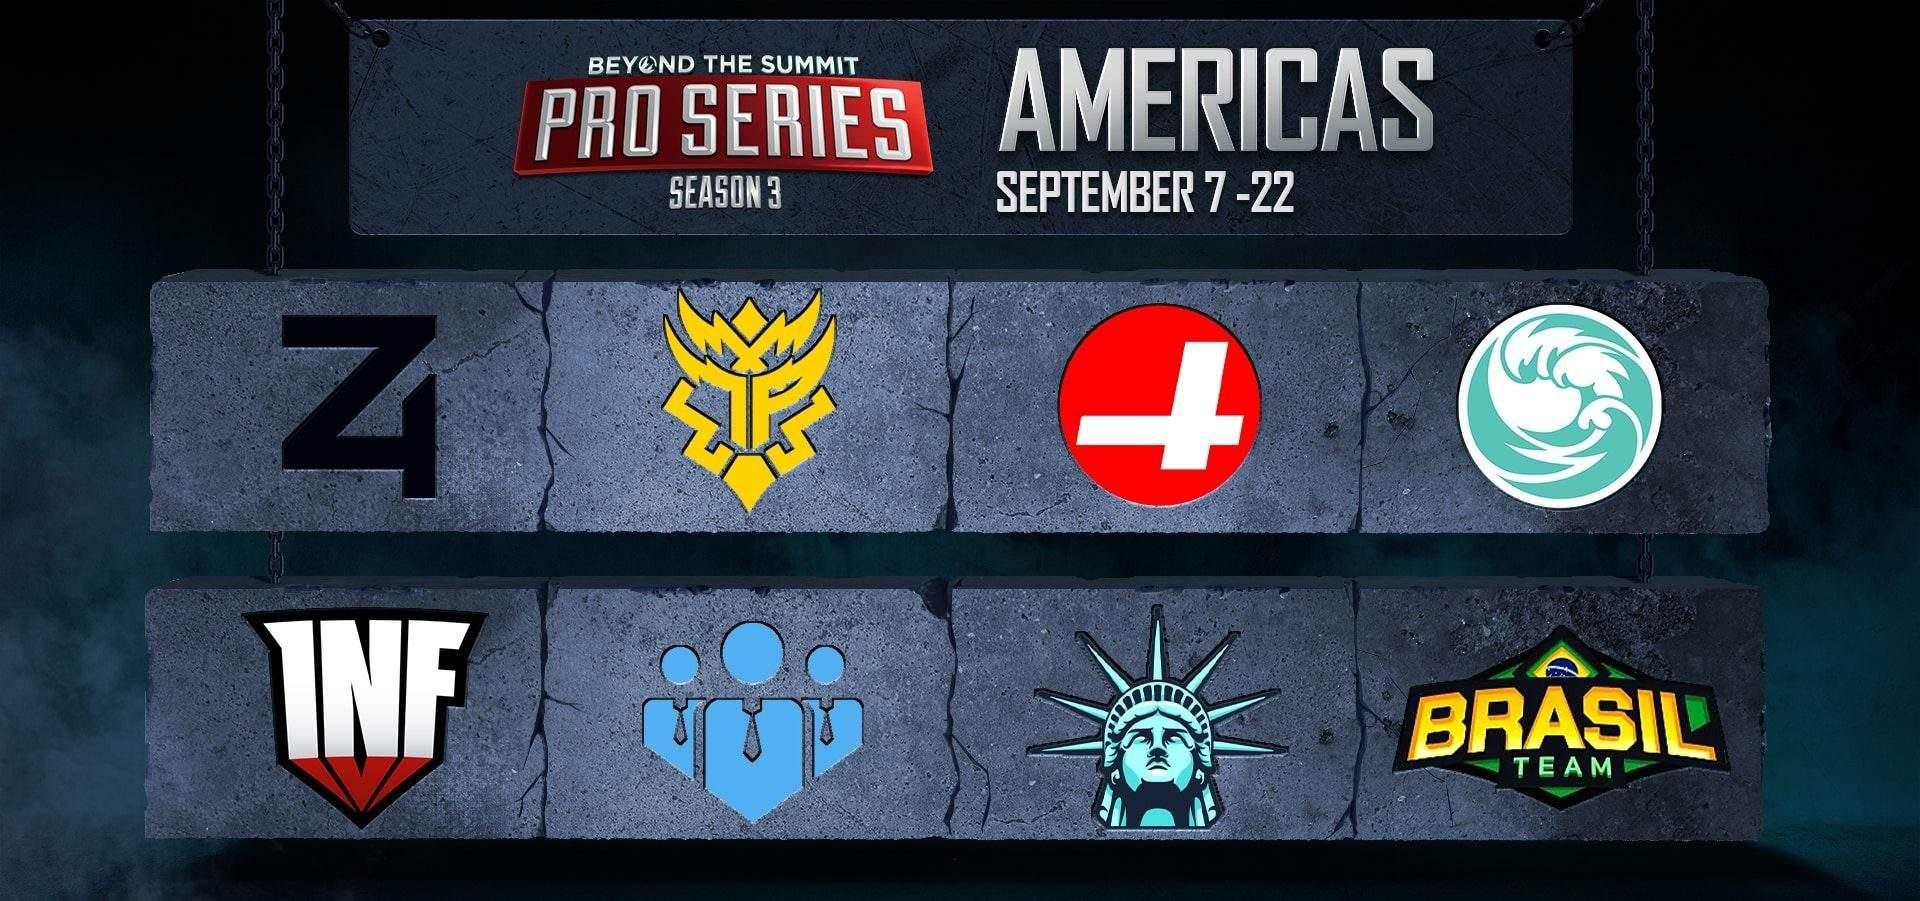 DOTA 2 Bts Pro Series: Americas